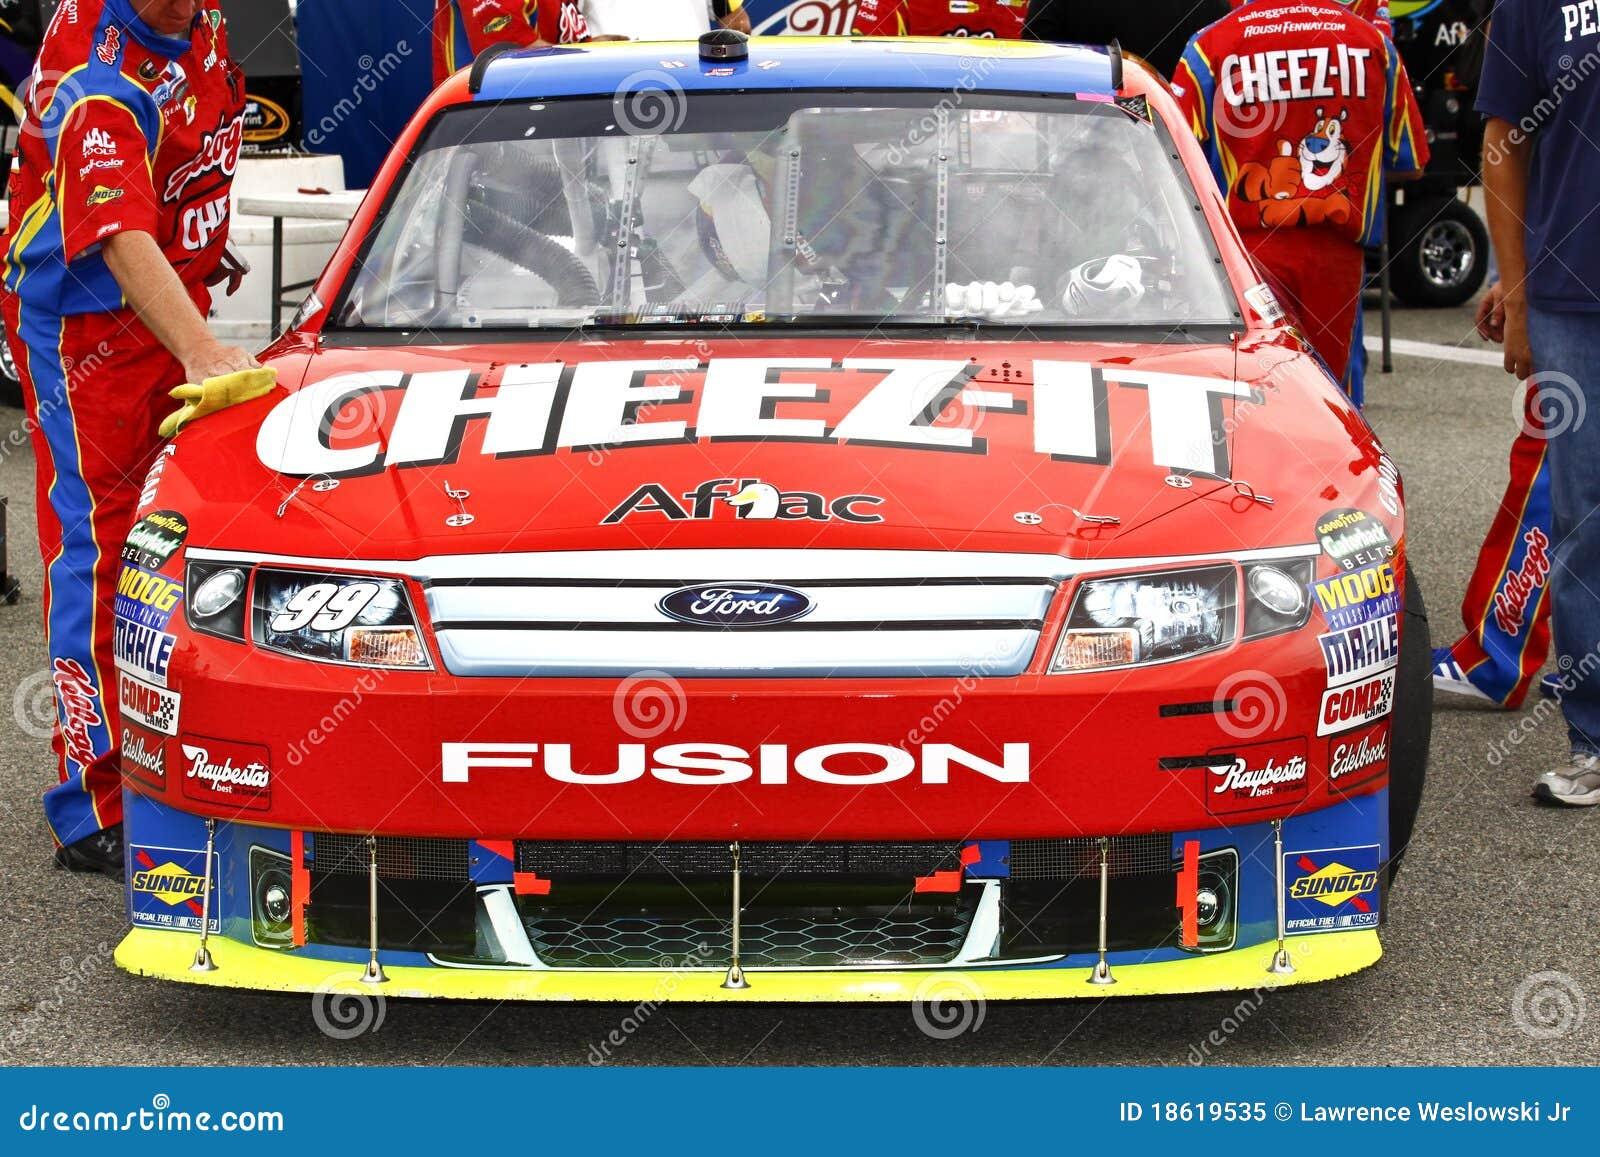 Ford Dealer Homestead >> NASCAR: Nov 21 Ford Ecoboost 300 Editorial Image | CartoonDealer.com #62791108